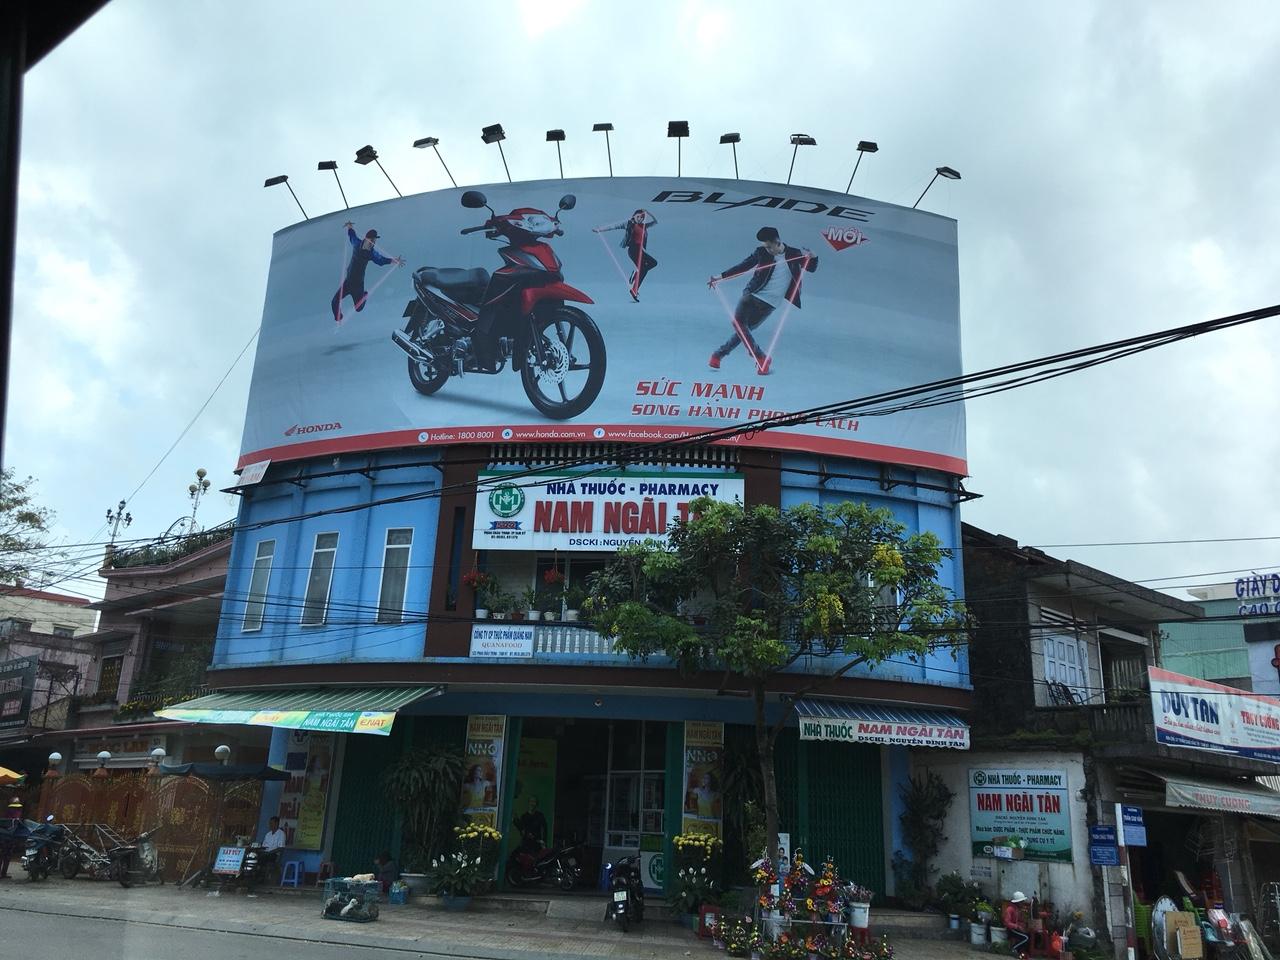 Thi công bảng quảng cáo tại Quảng Nam - Billboardquangcao.com